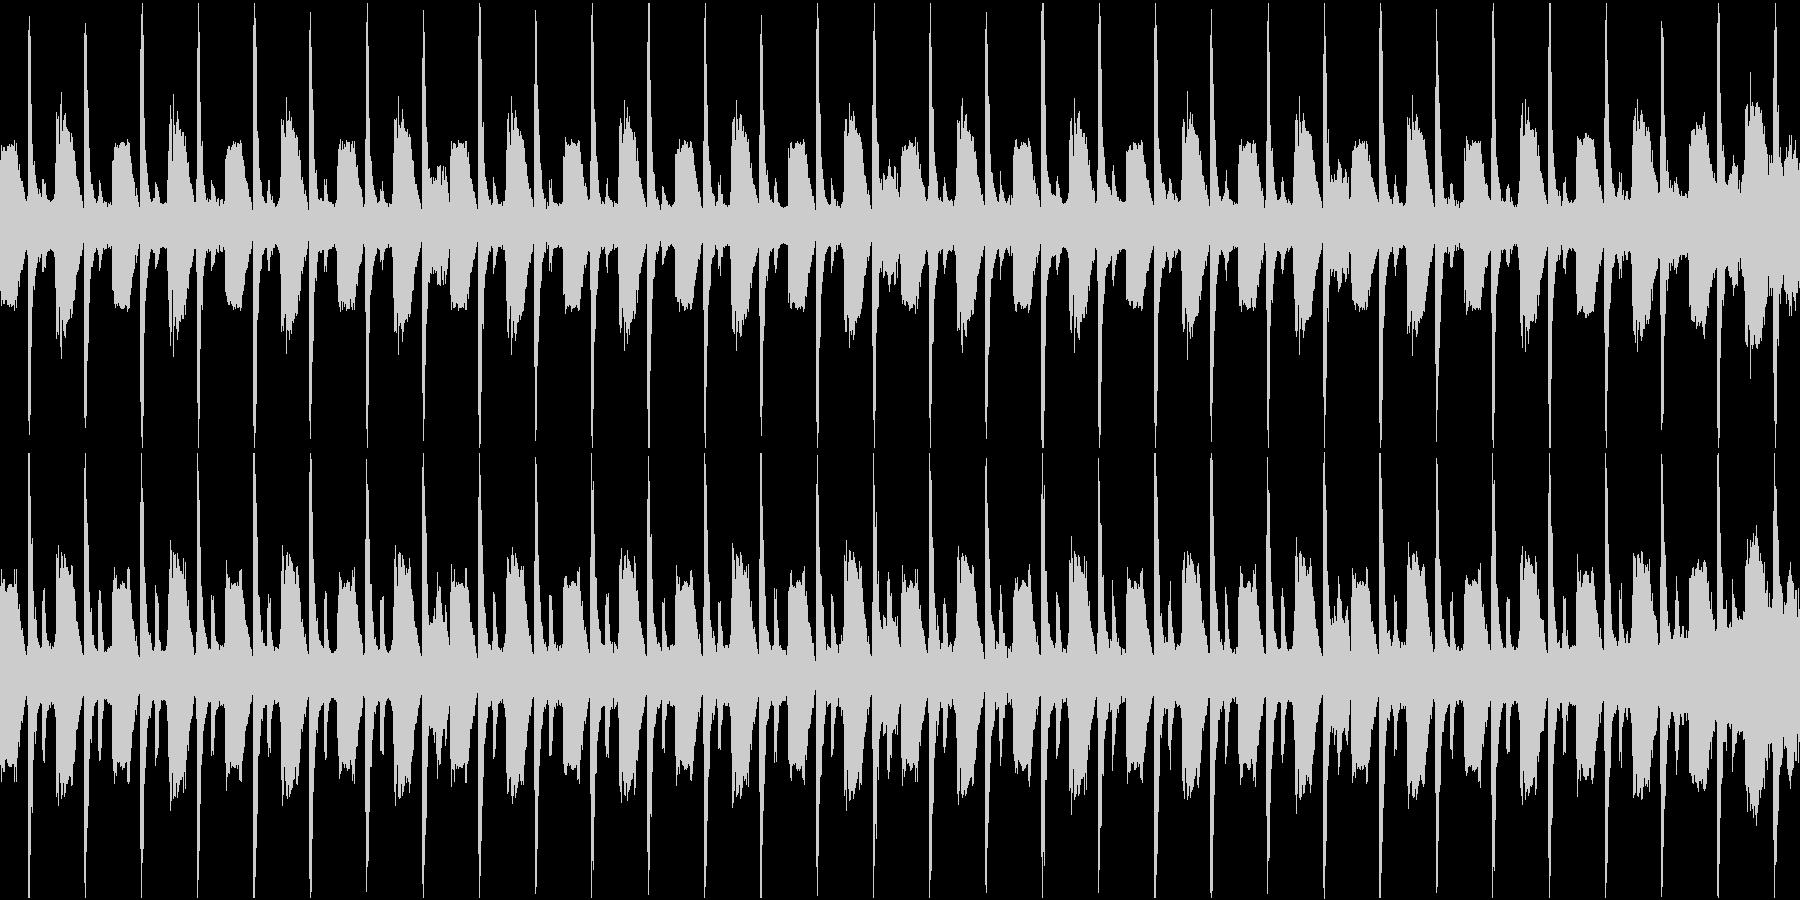 シンプルなリズムのダンスミュージックの未再生の波形